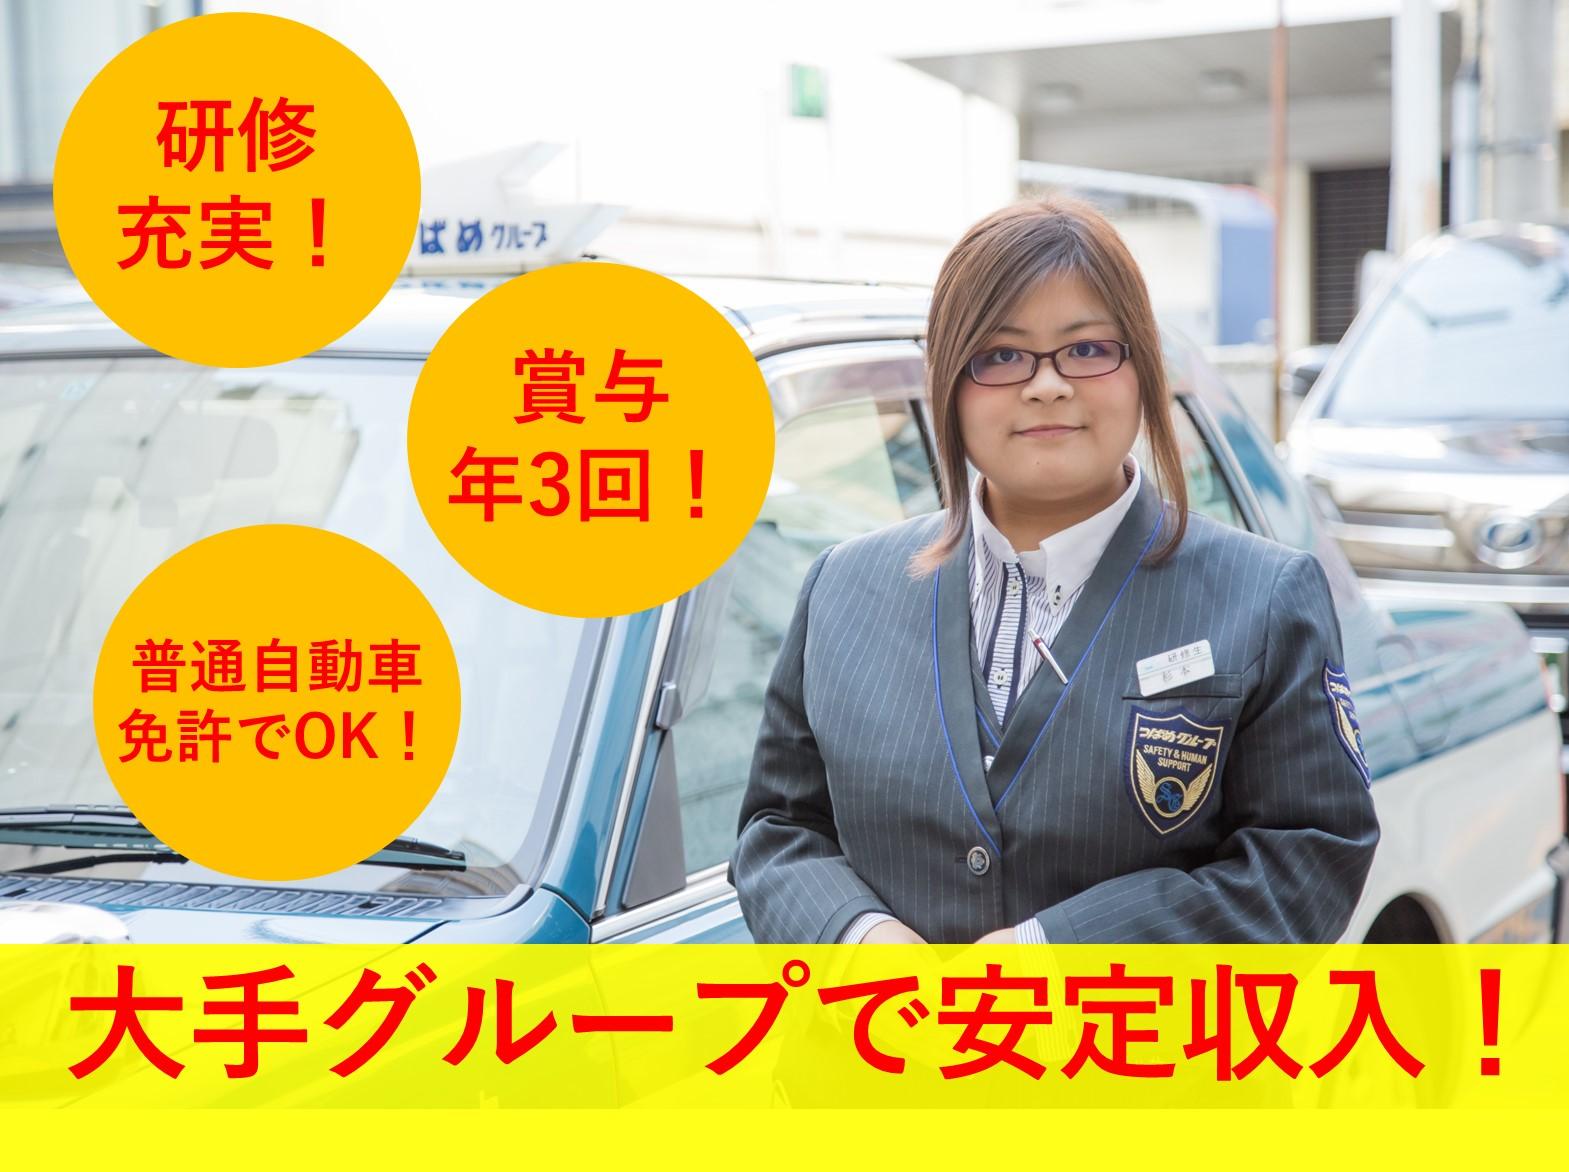 【岐阜市】未経験歓迎!資格取得支援制度あり!タクシーサービスアテンダント! イメージ